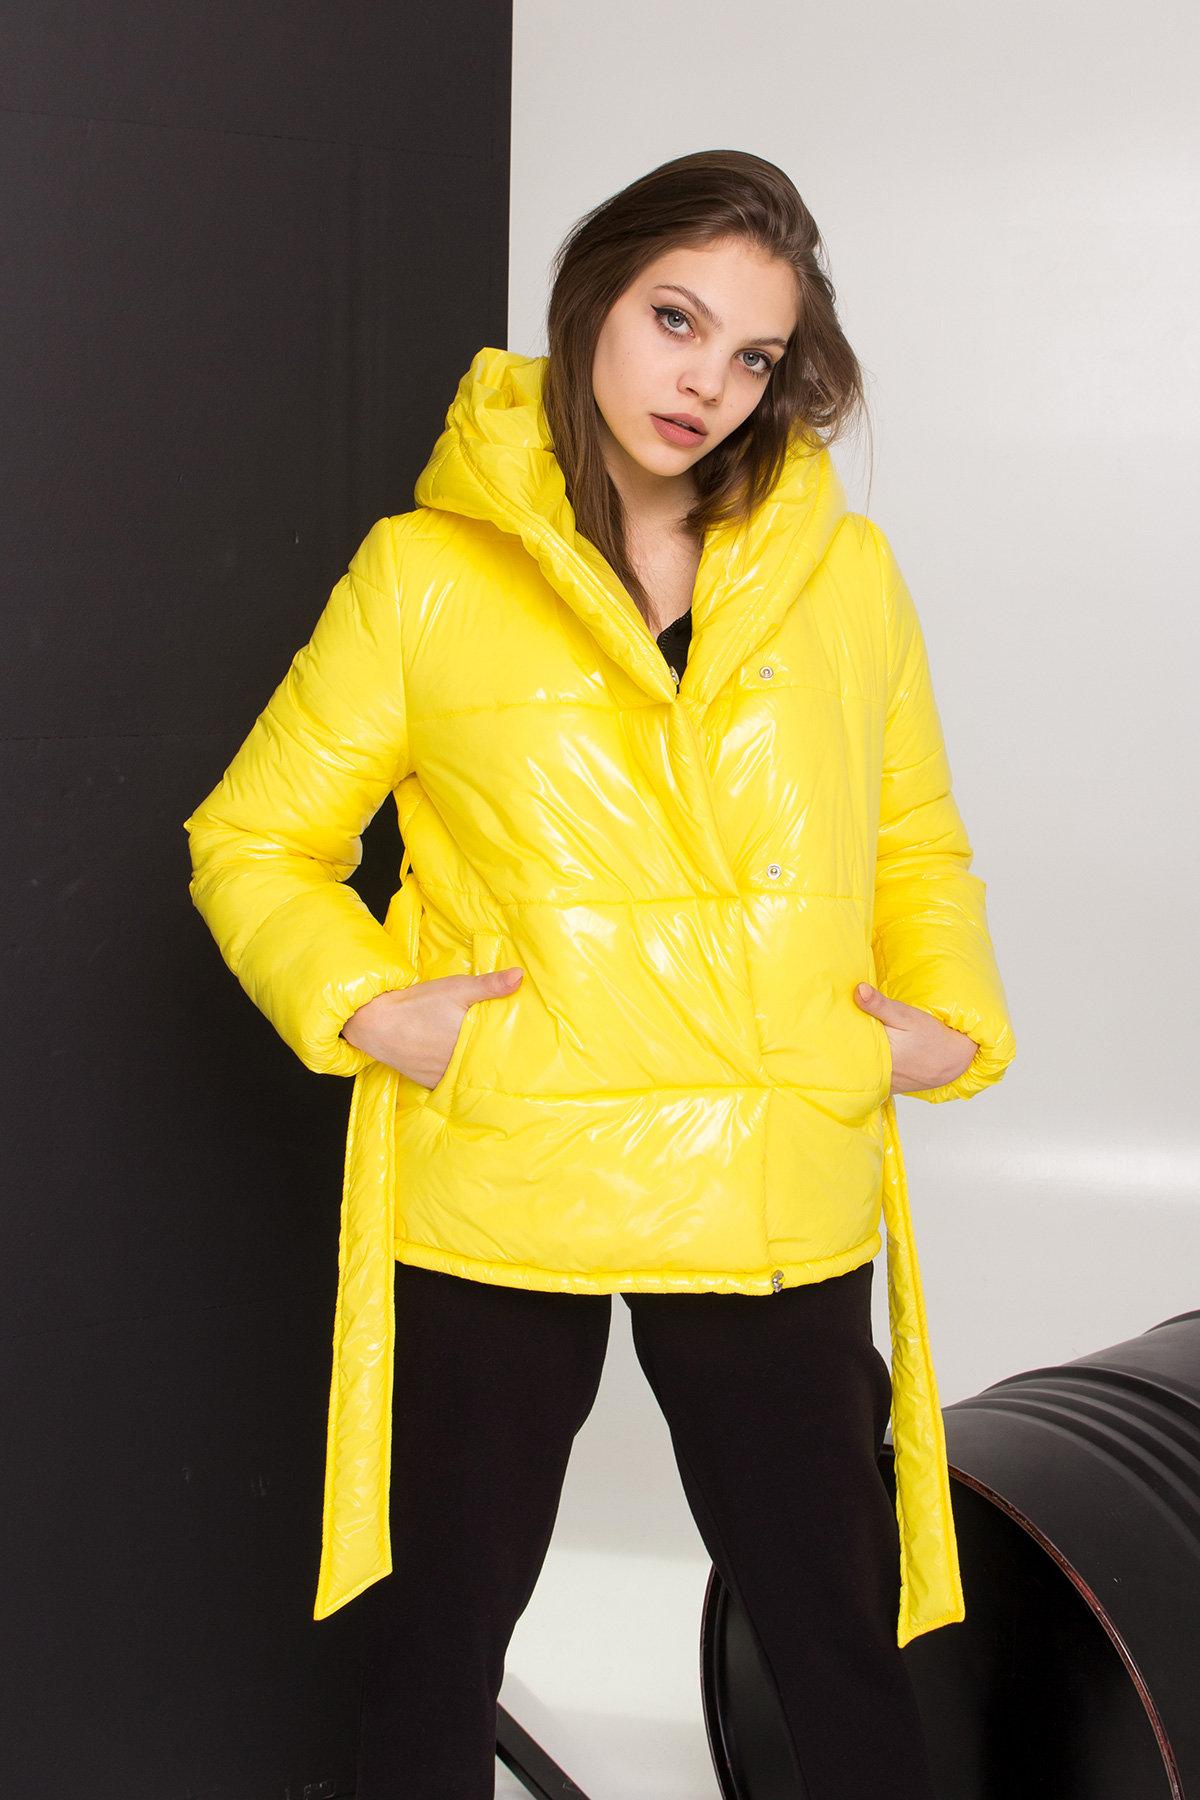 Лаковая куртка пуховик с поясом Бумер 8696 АРТ. 45243 Цвет: т.серый/желтый/черный - фото 7, интернет магазин tm-modus.ru